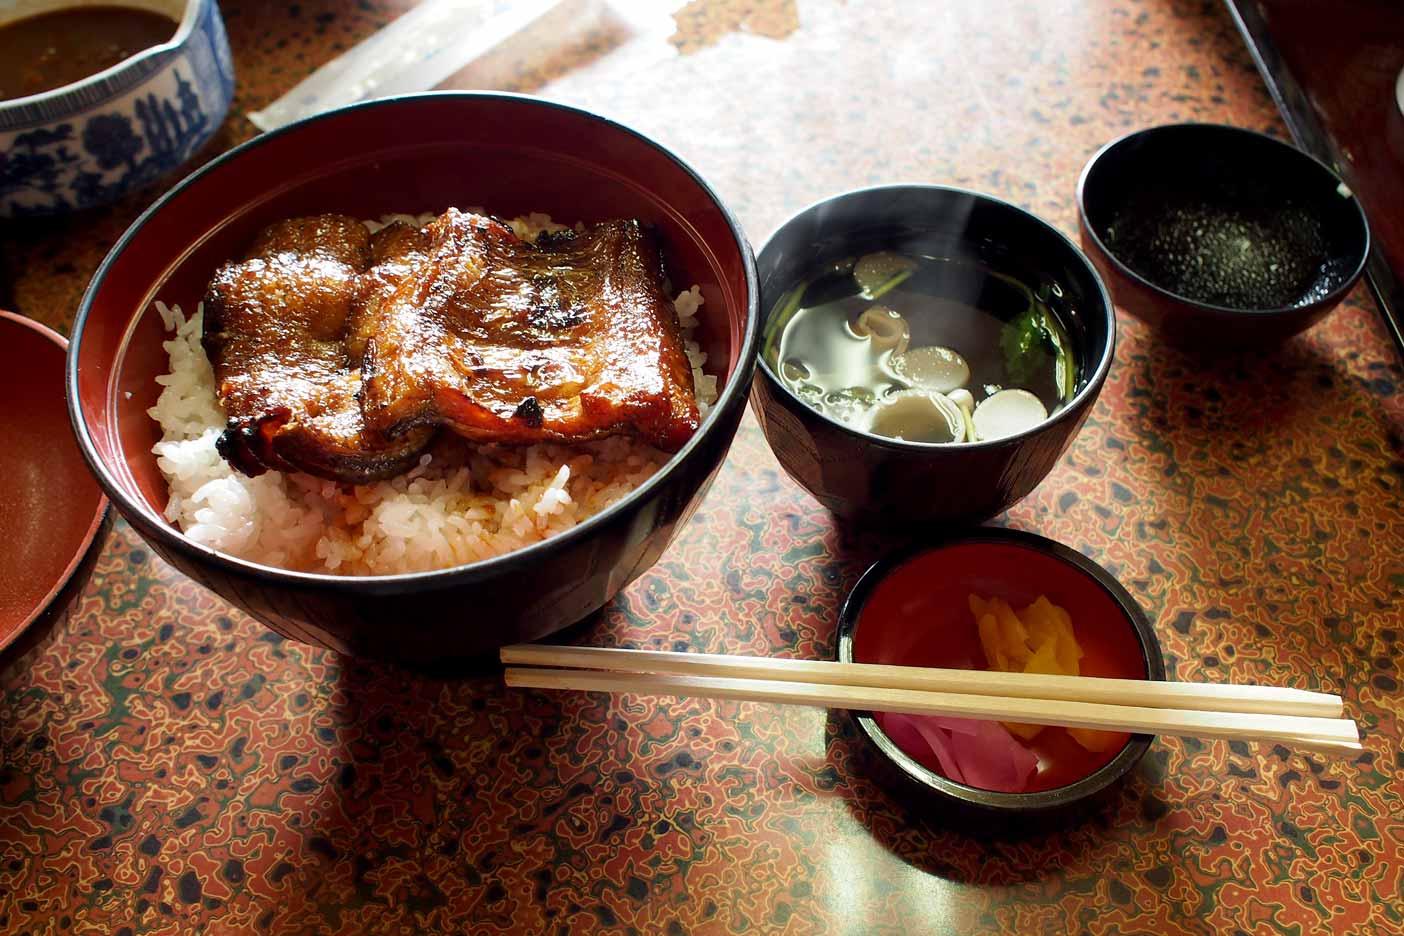 豊川稲荷カドヤのウナギ丼